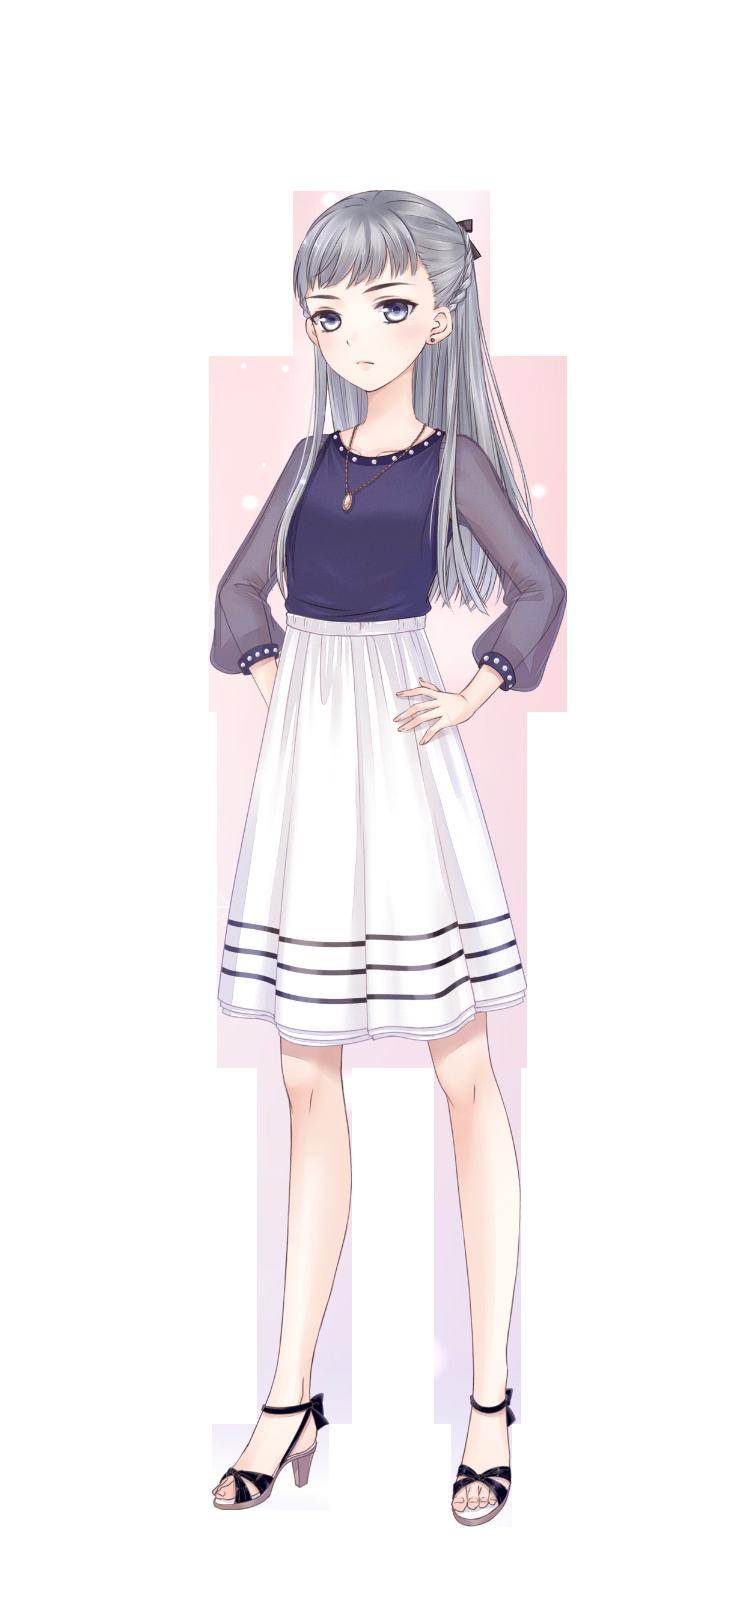 Chapter 10 海樱 【图鉴】奇迹暖暖 · ミラクルニキ · Miracle Nikki